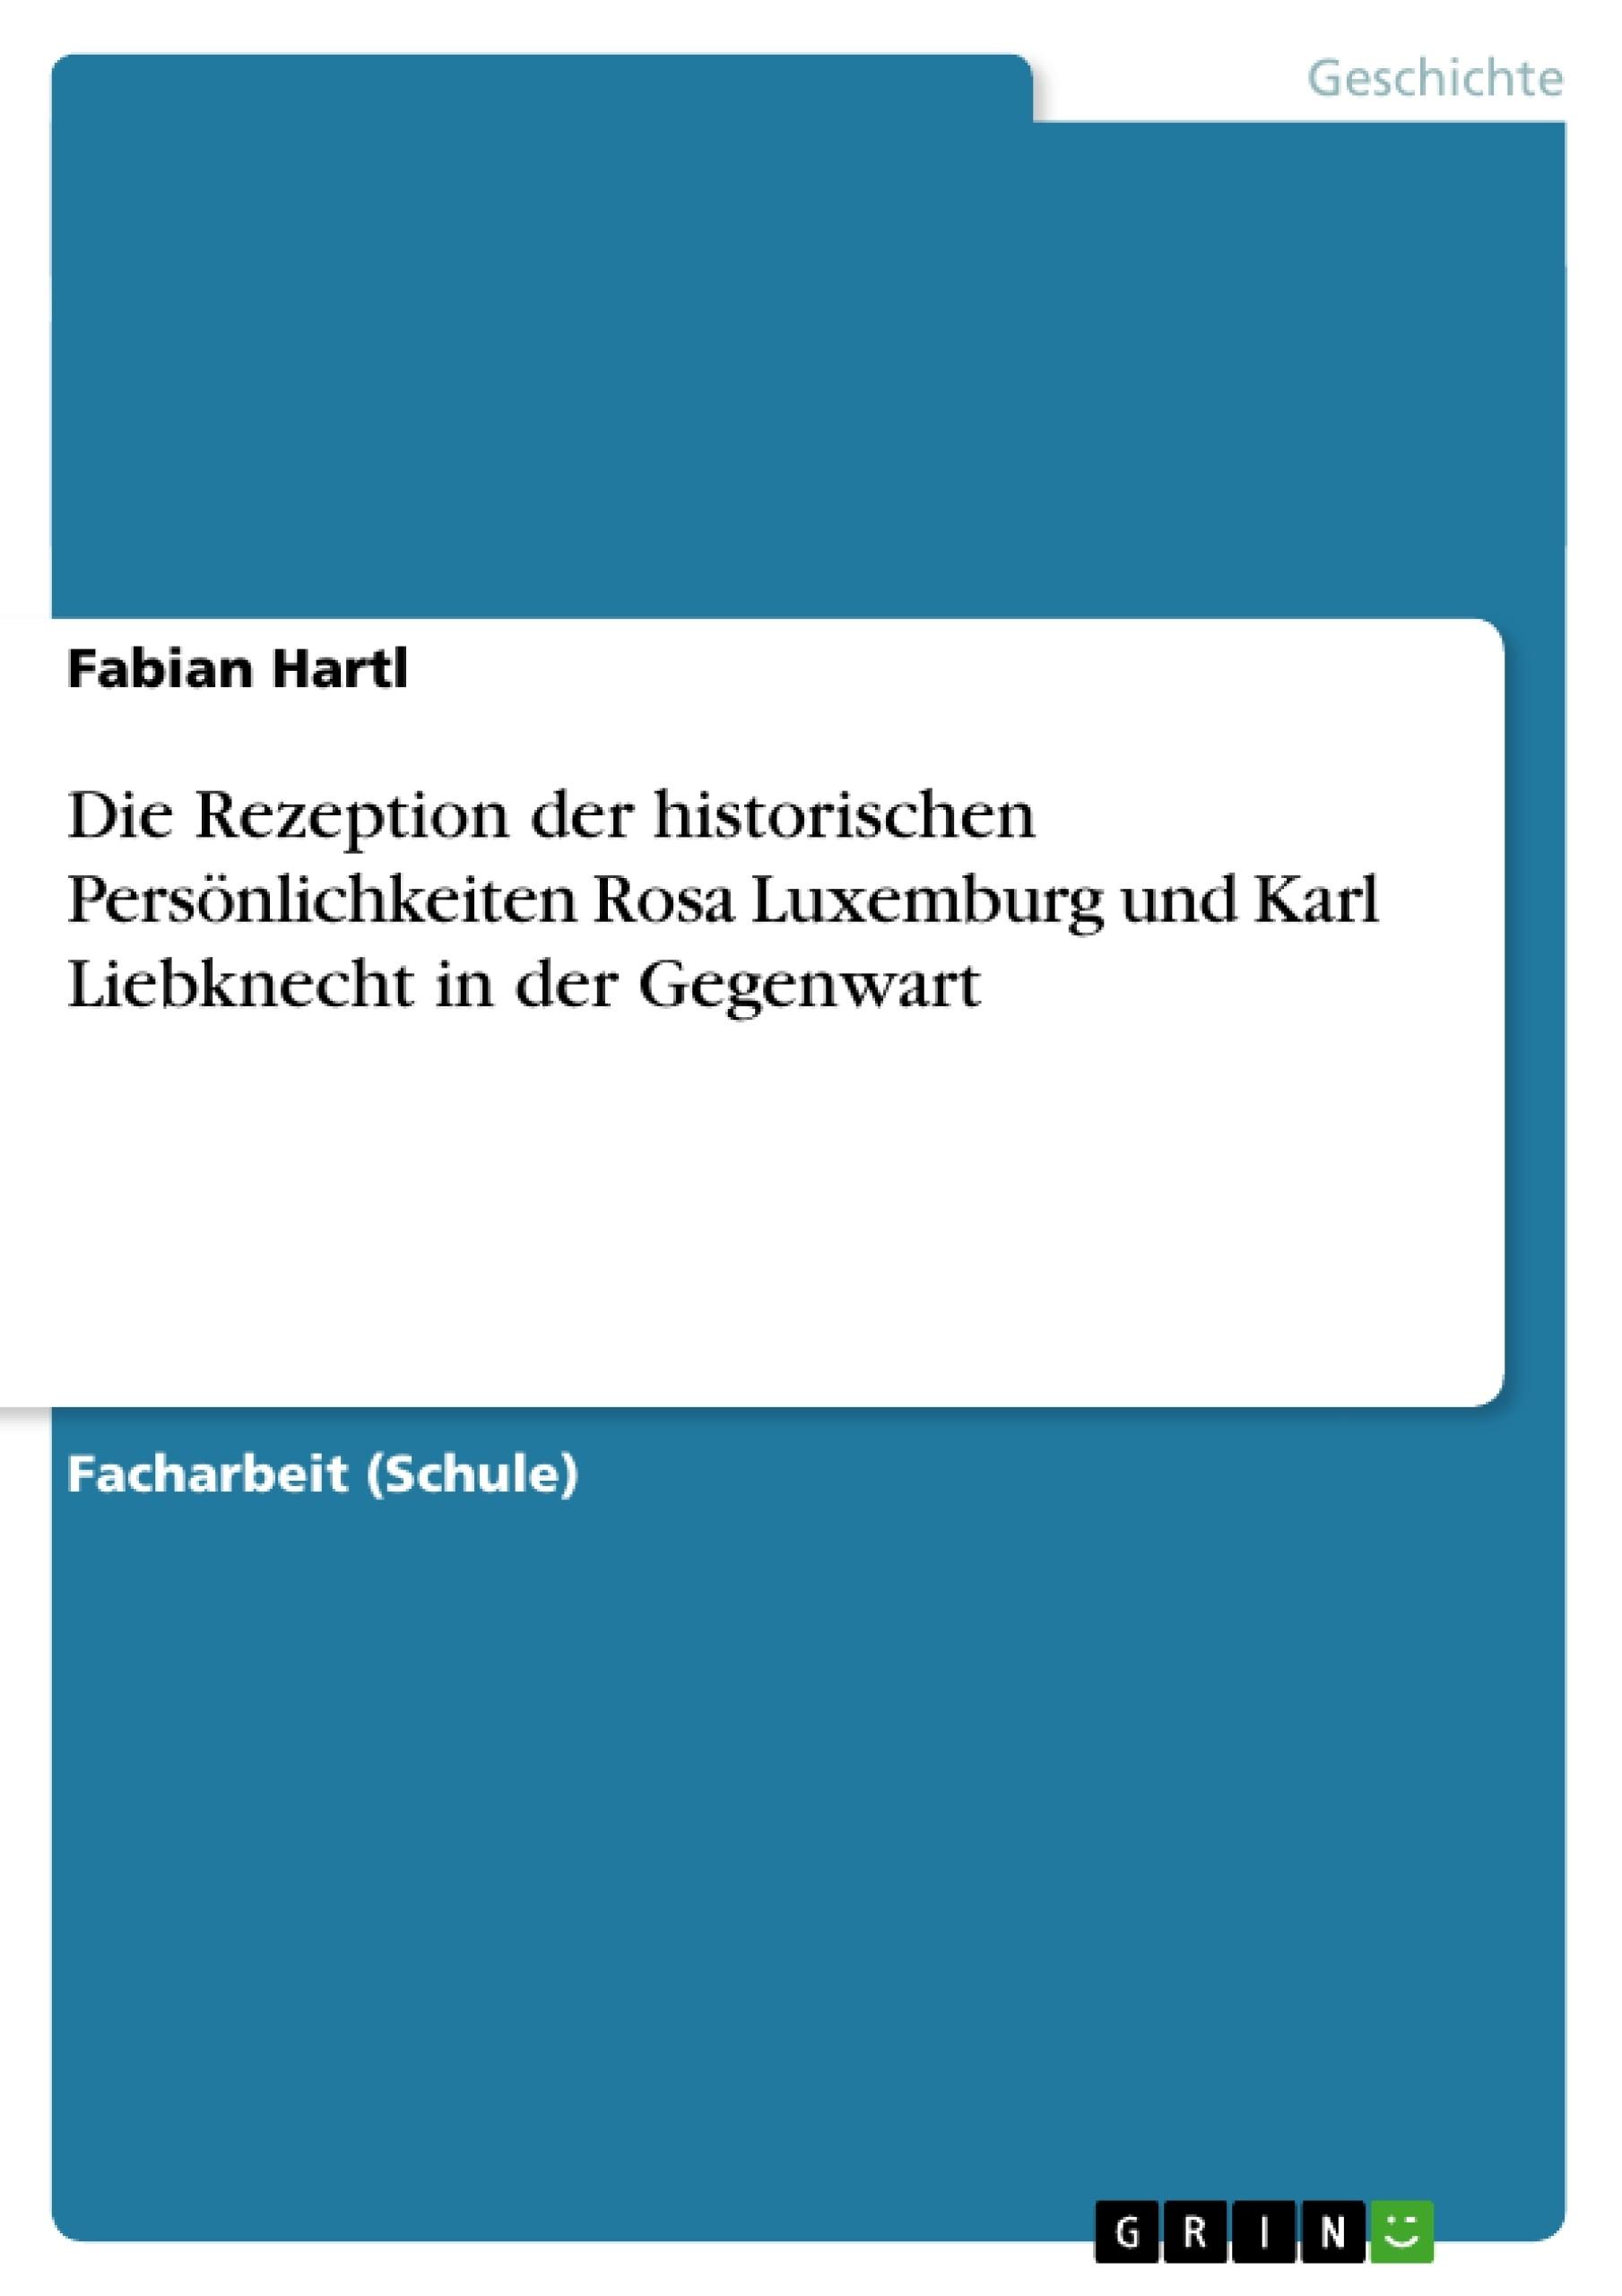 Titel: Die Rezeption der historischen Persönlichkeiten Rosa Luxemburg und Karl Liebknecht in der Gegenwart